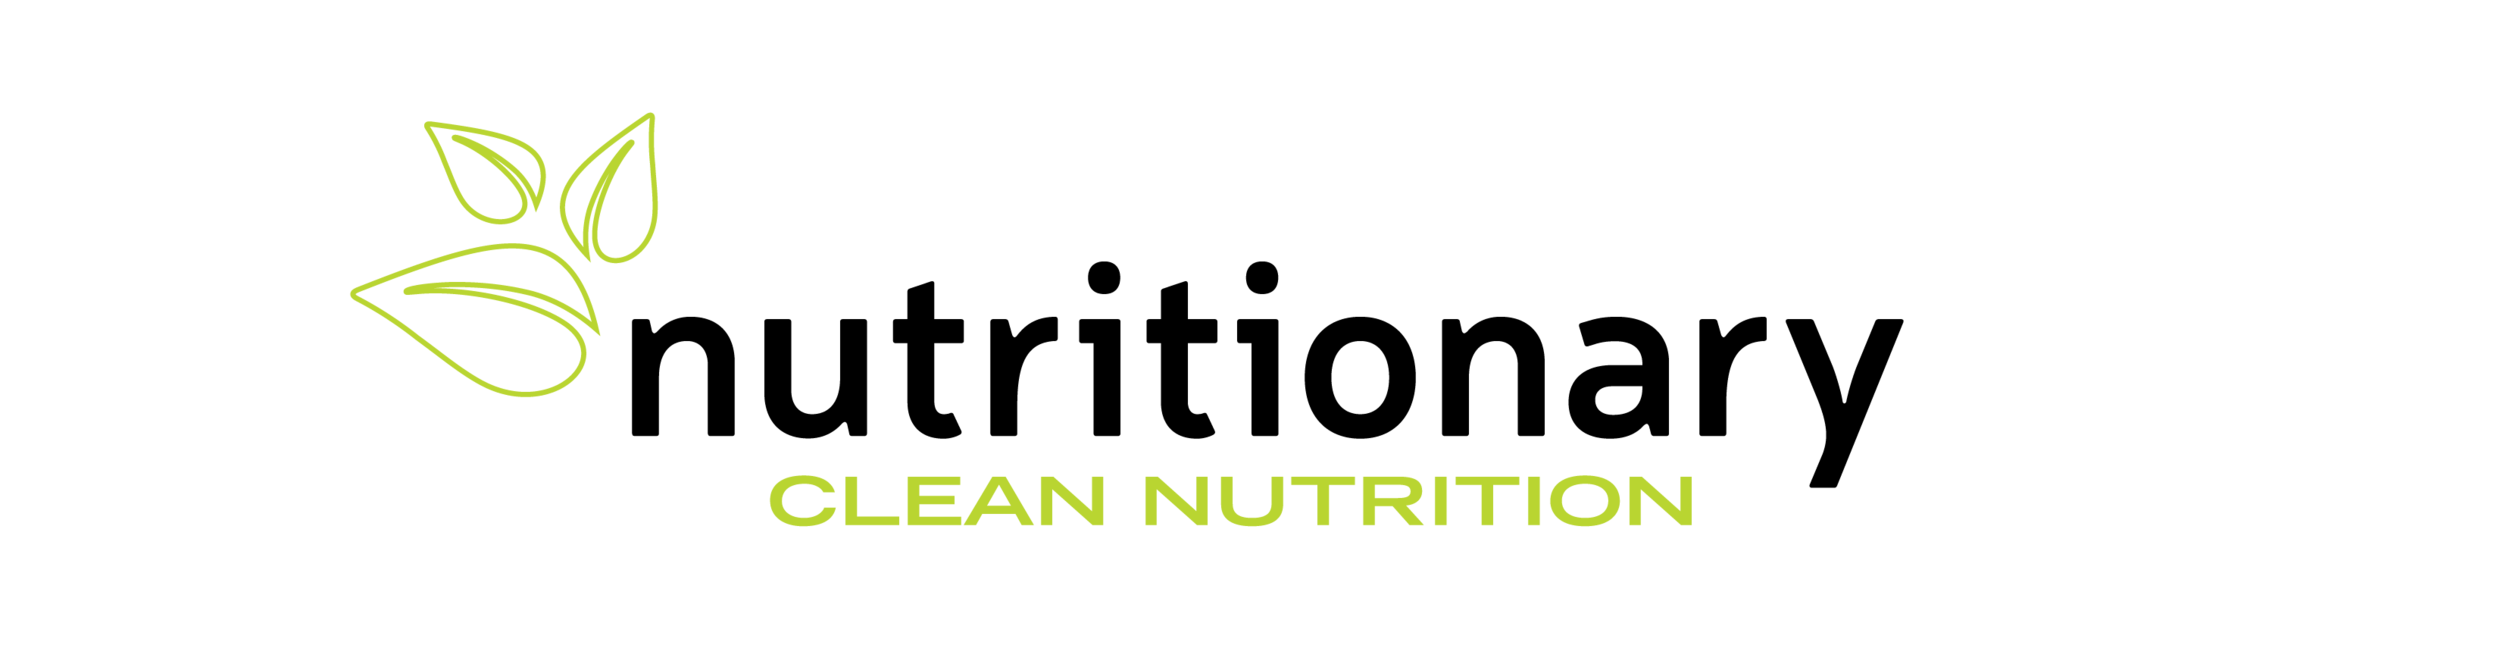 nutritionaryLogo_grnBlack-01.png